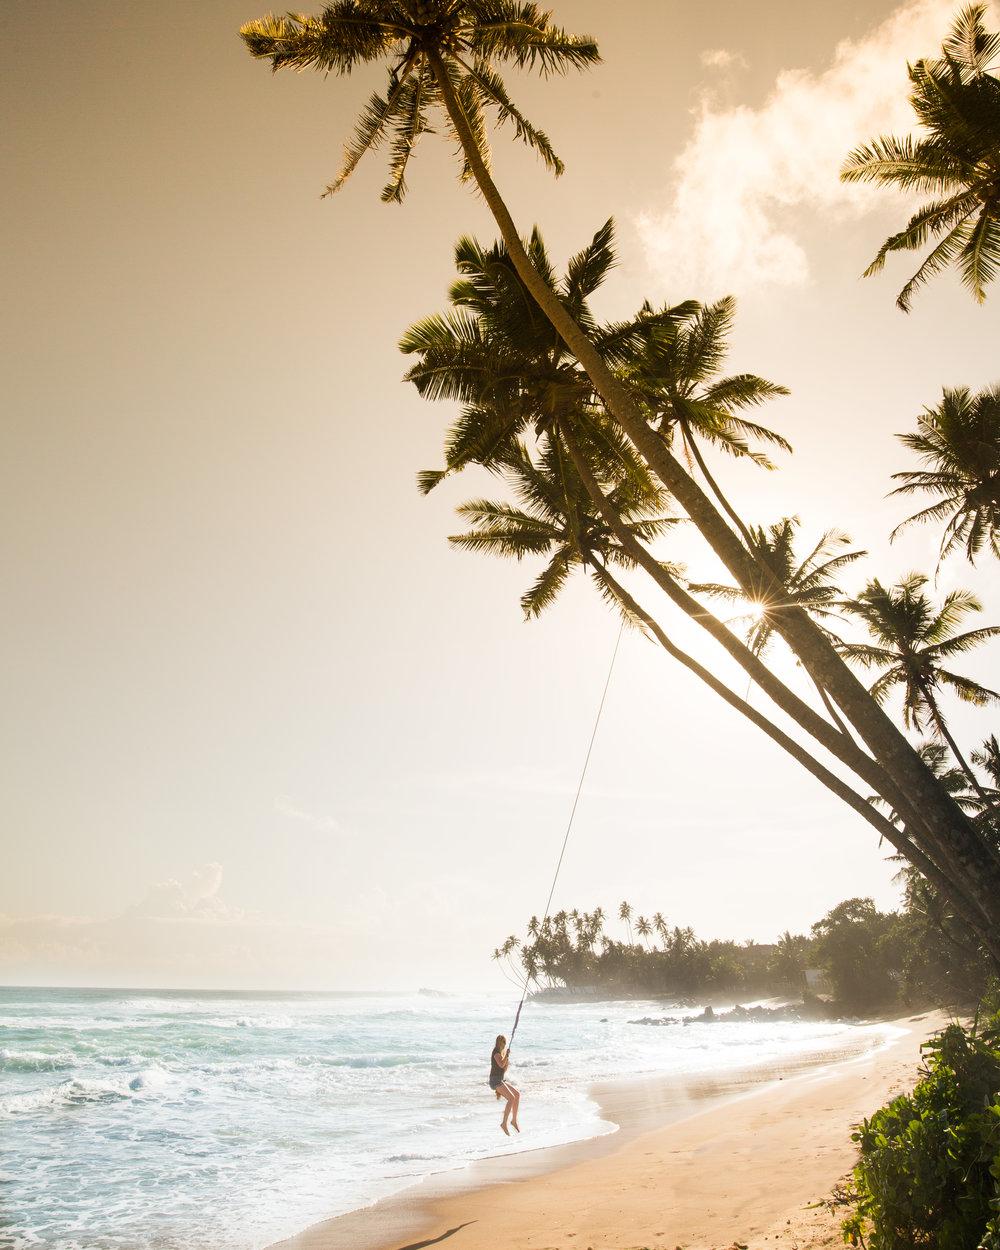 Instagrammable Sri Lanka - Mihiripenna Beach